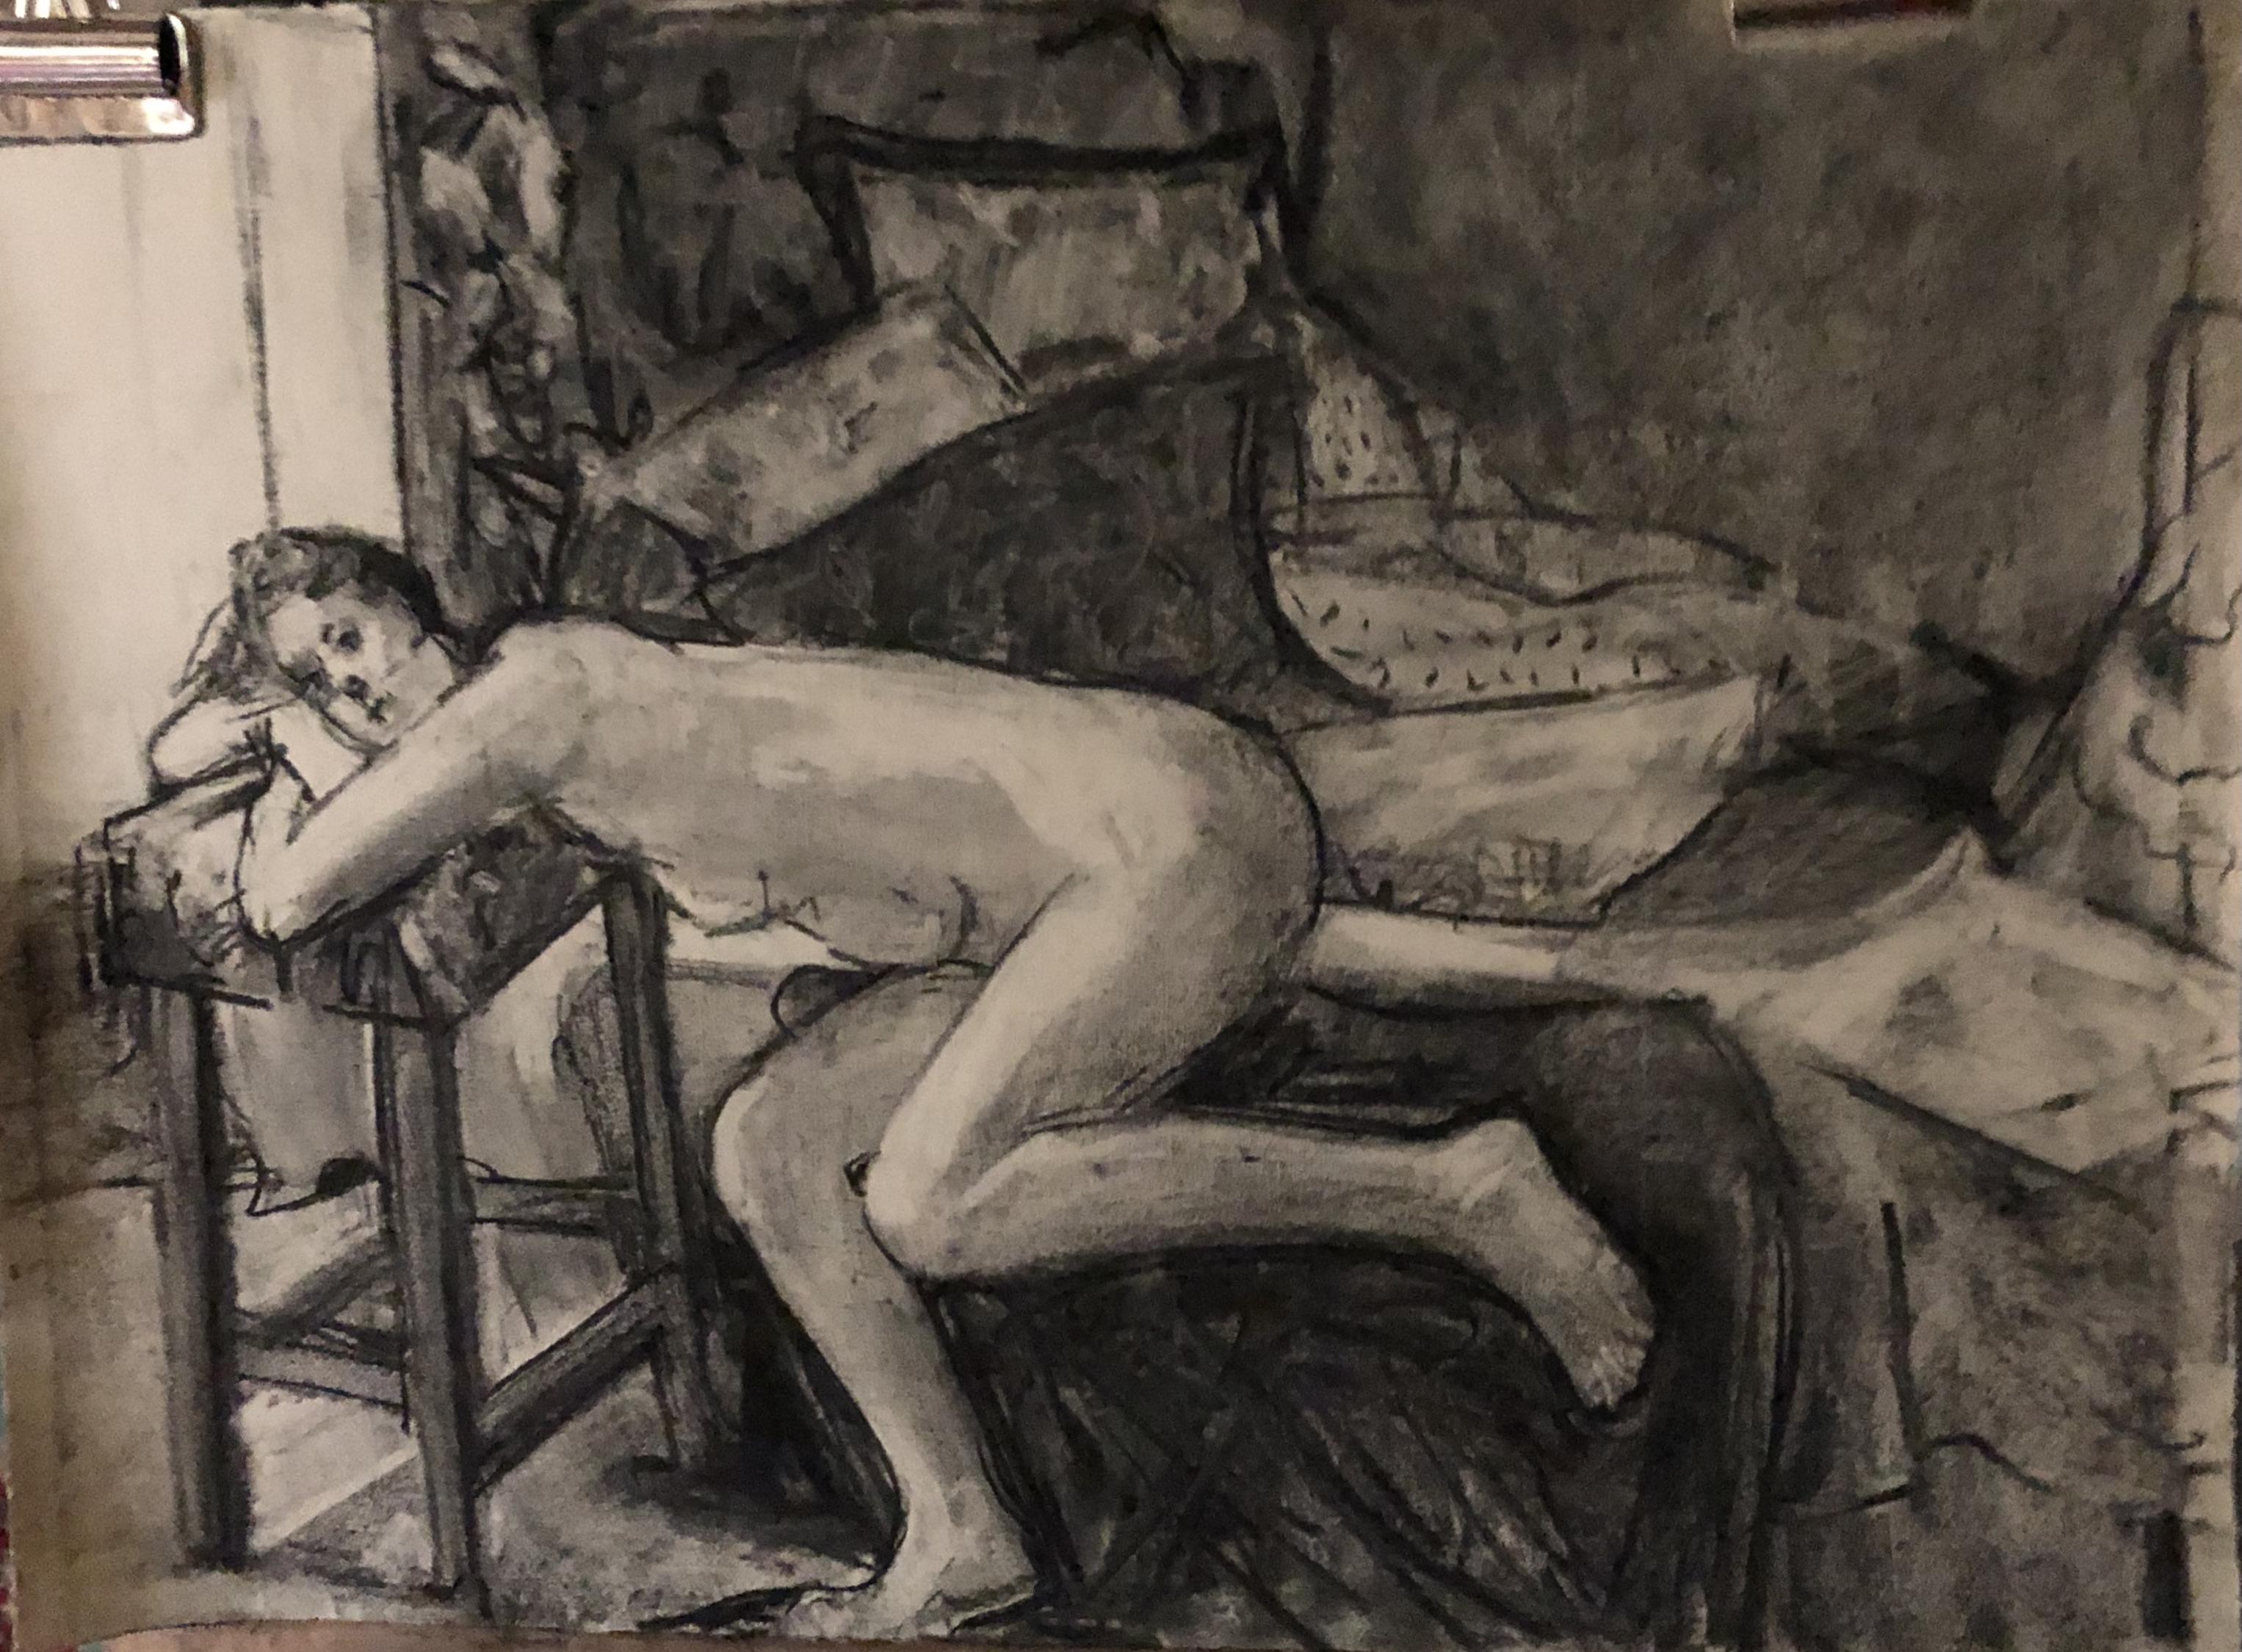 adeline-goldminc-tronzo-rebekah.-charcoal-on-paper-19-x-25-12-23-20-.jpg